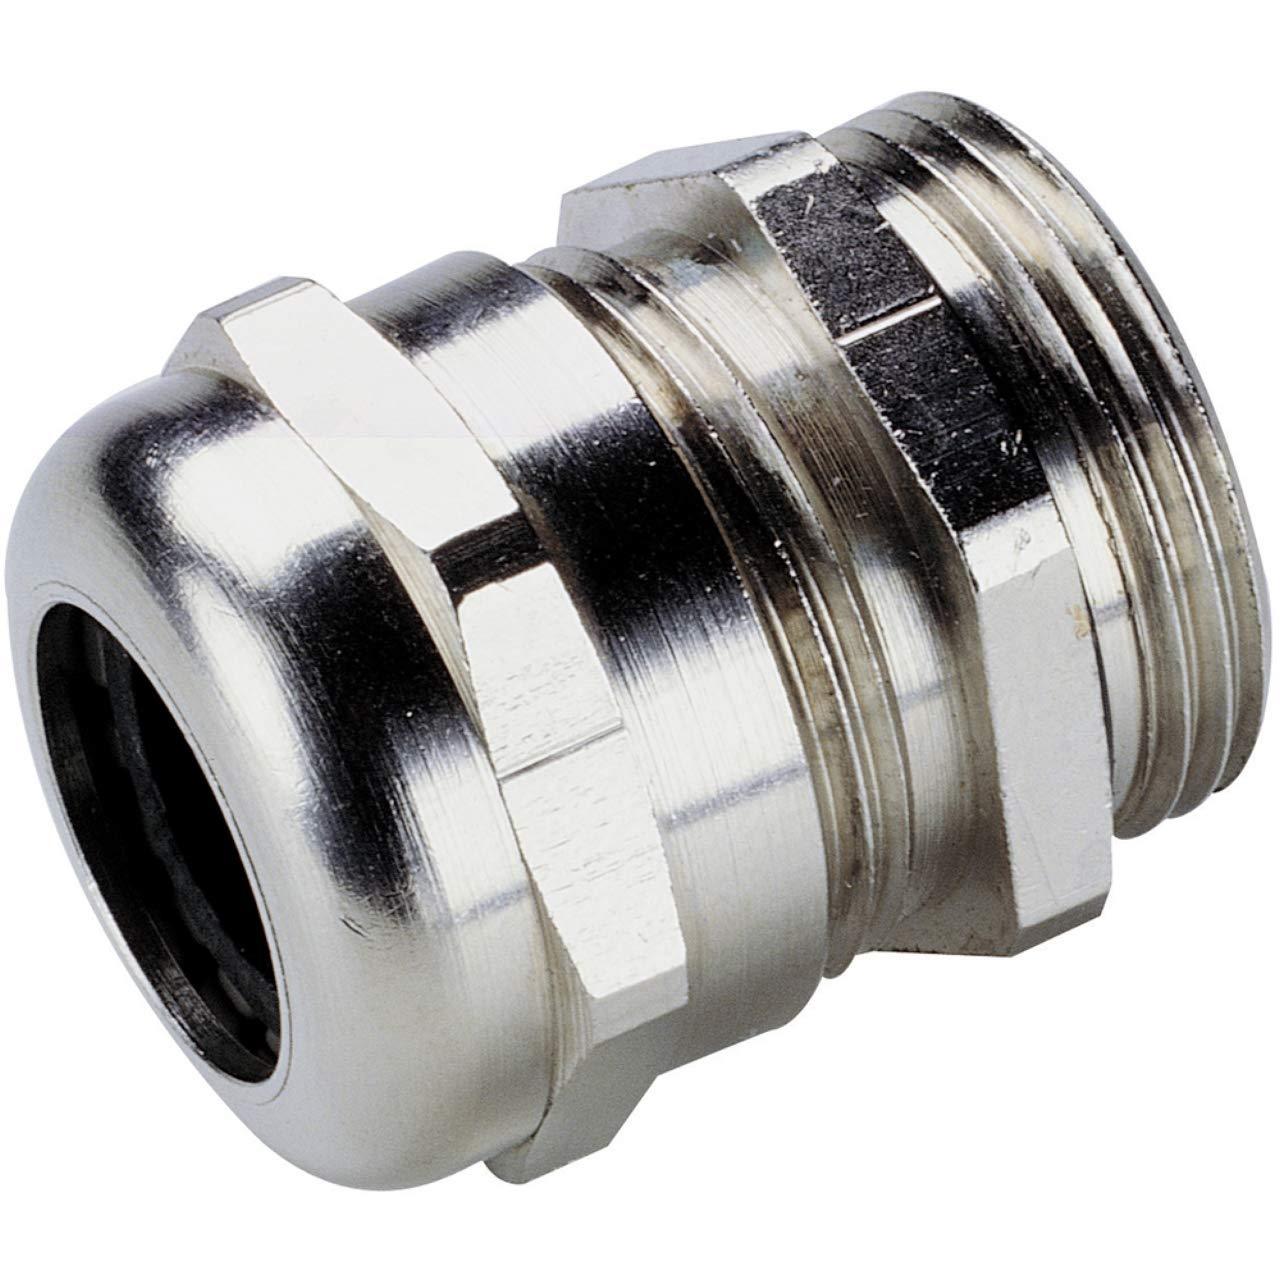 Legrand 95513/ST-M16/met tama/ño PG13,5